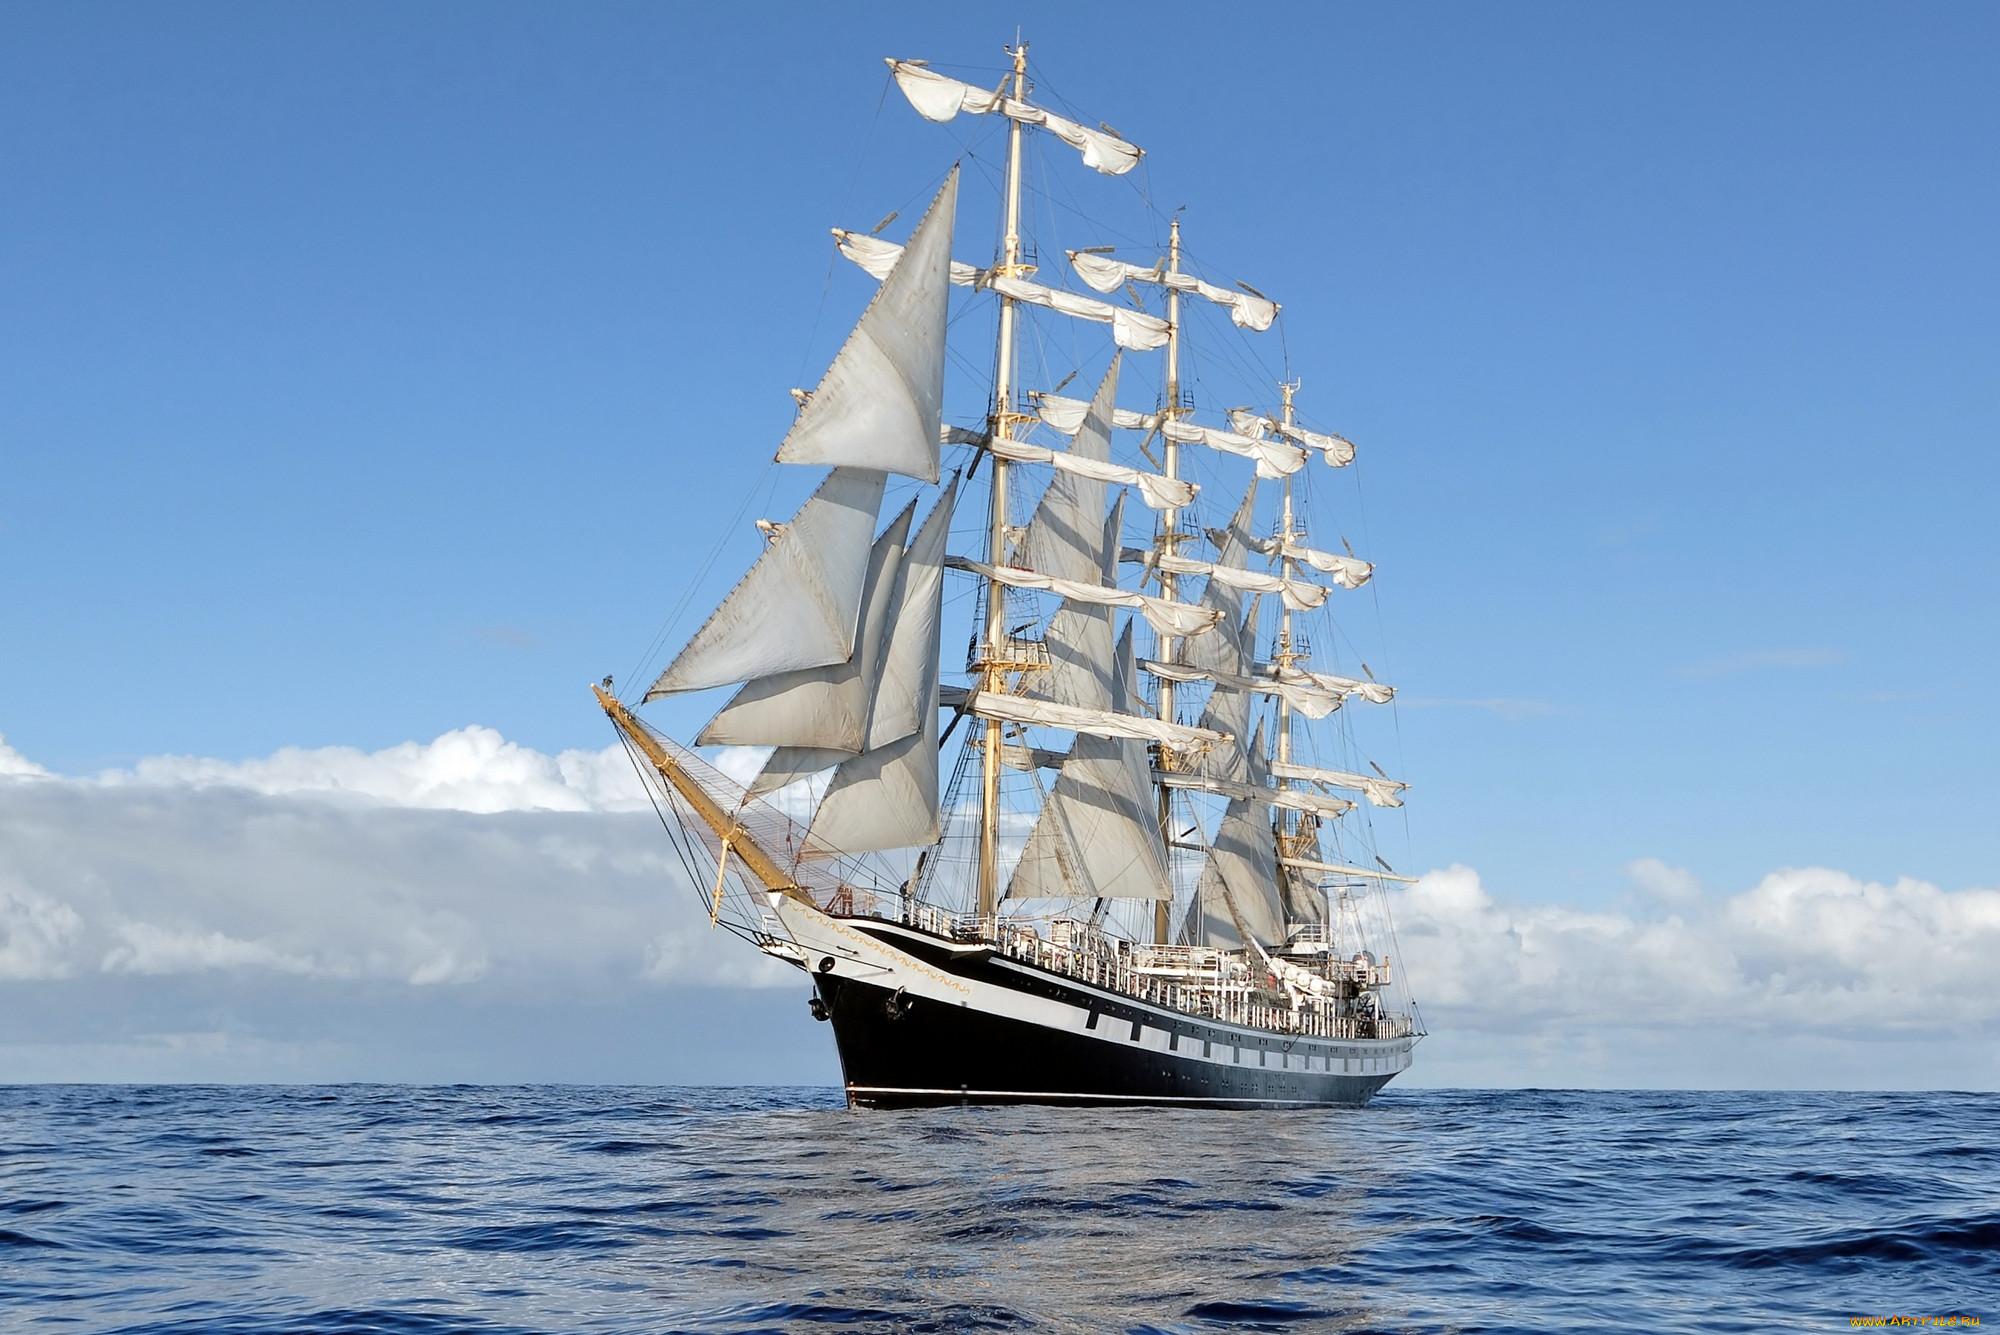 Фотографии парусников в море